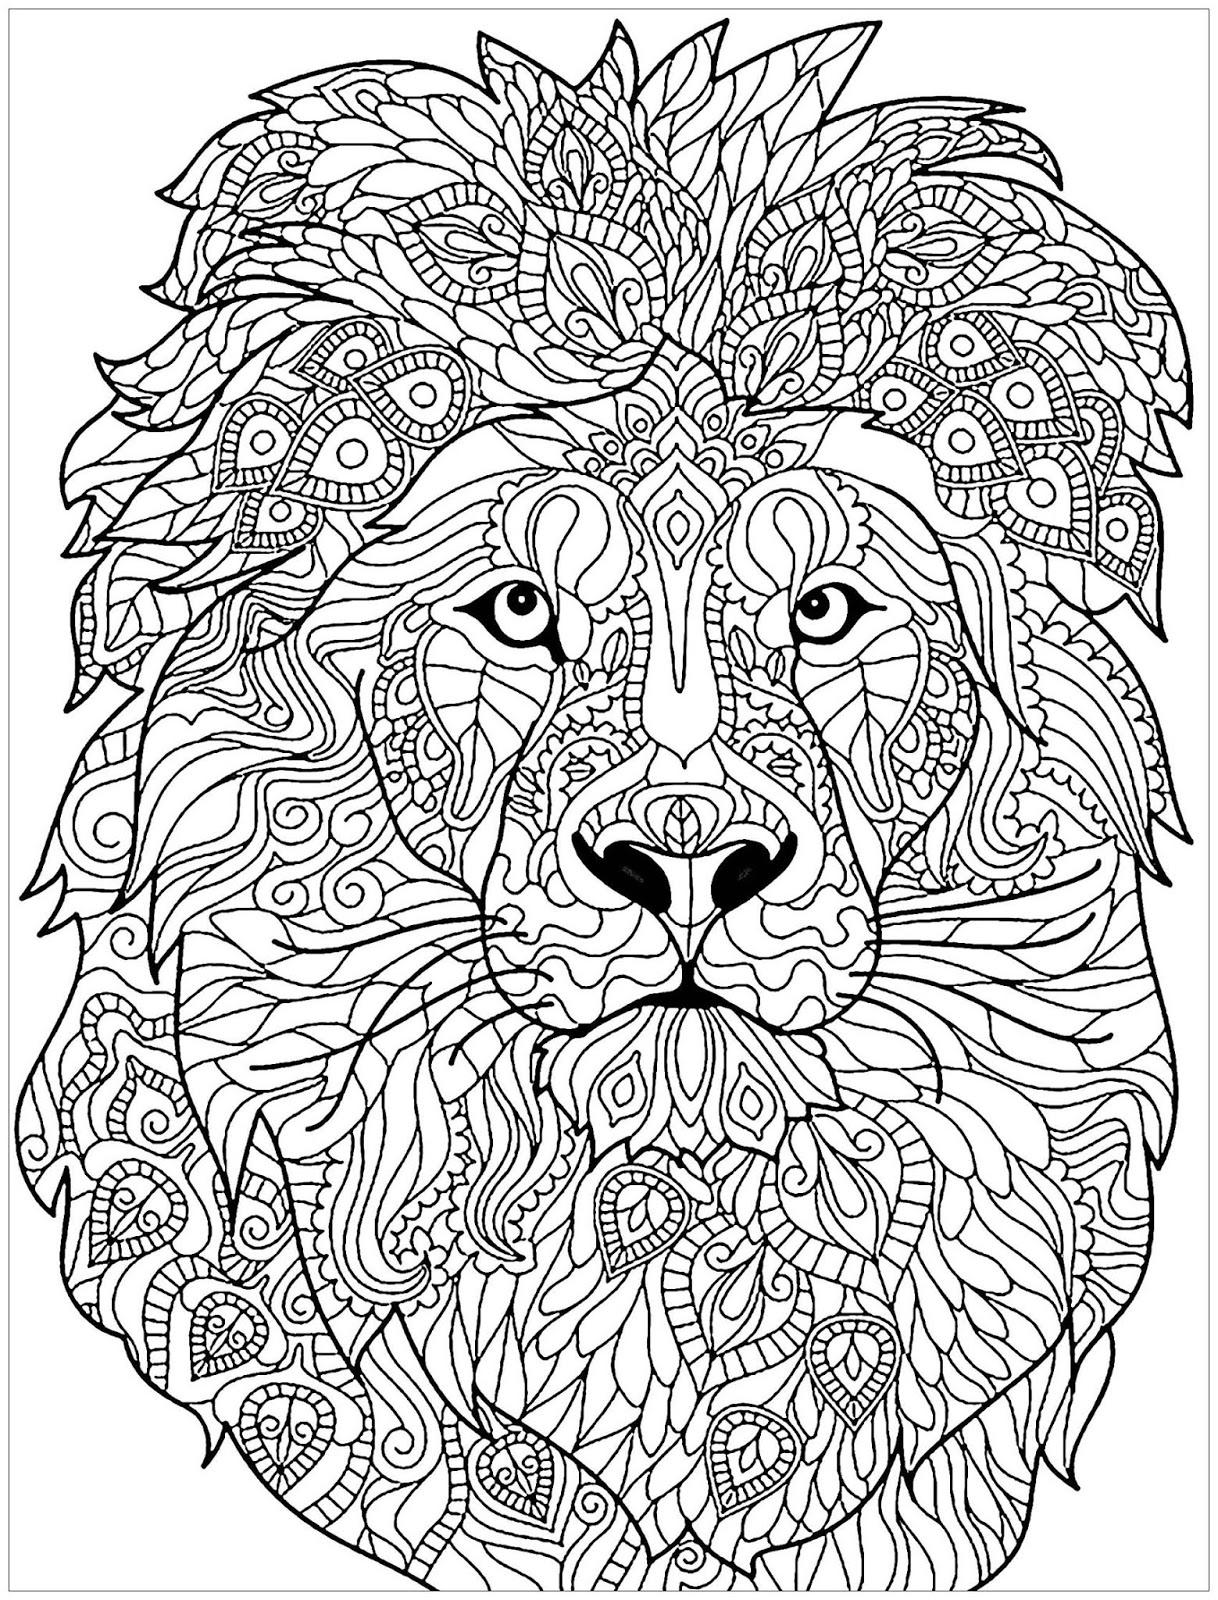 Tranh tô màu con sư tử vẽ cách điệu